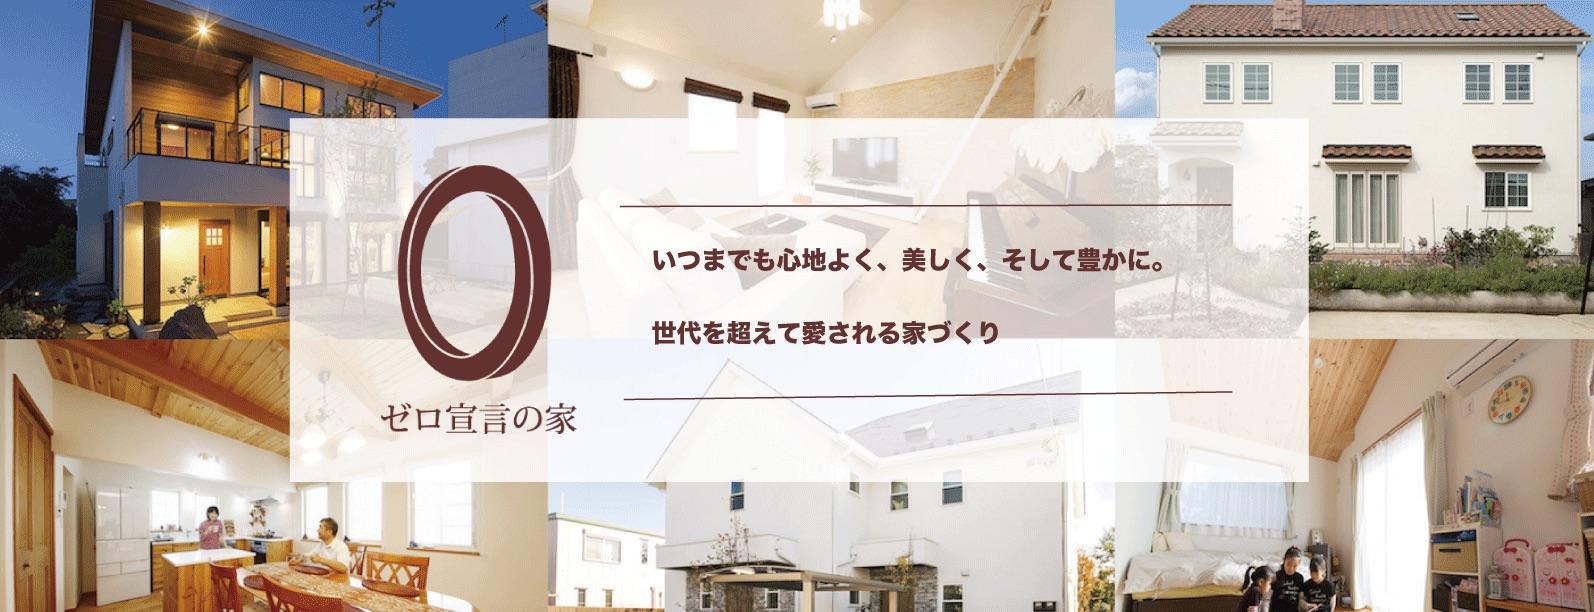 ゼロ宣言の家